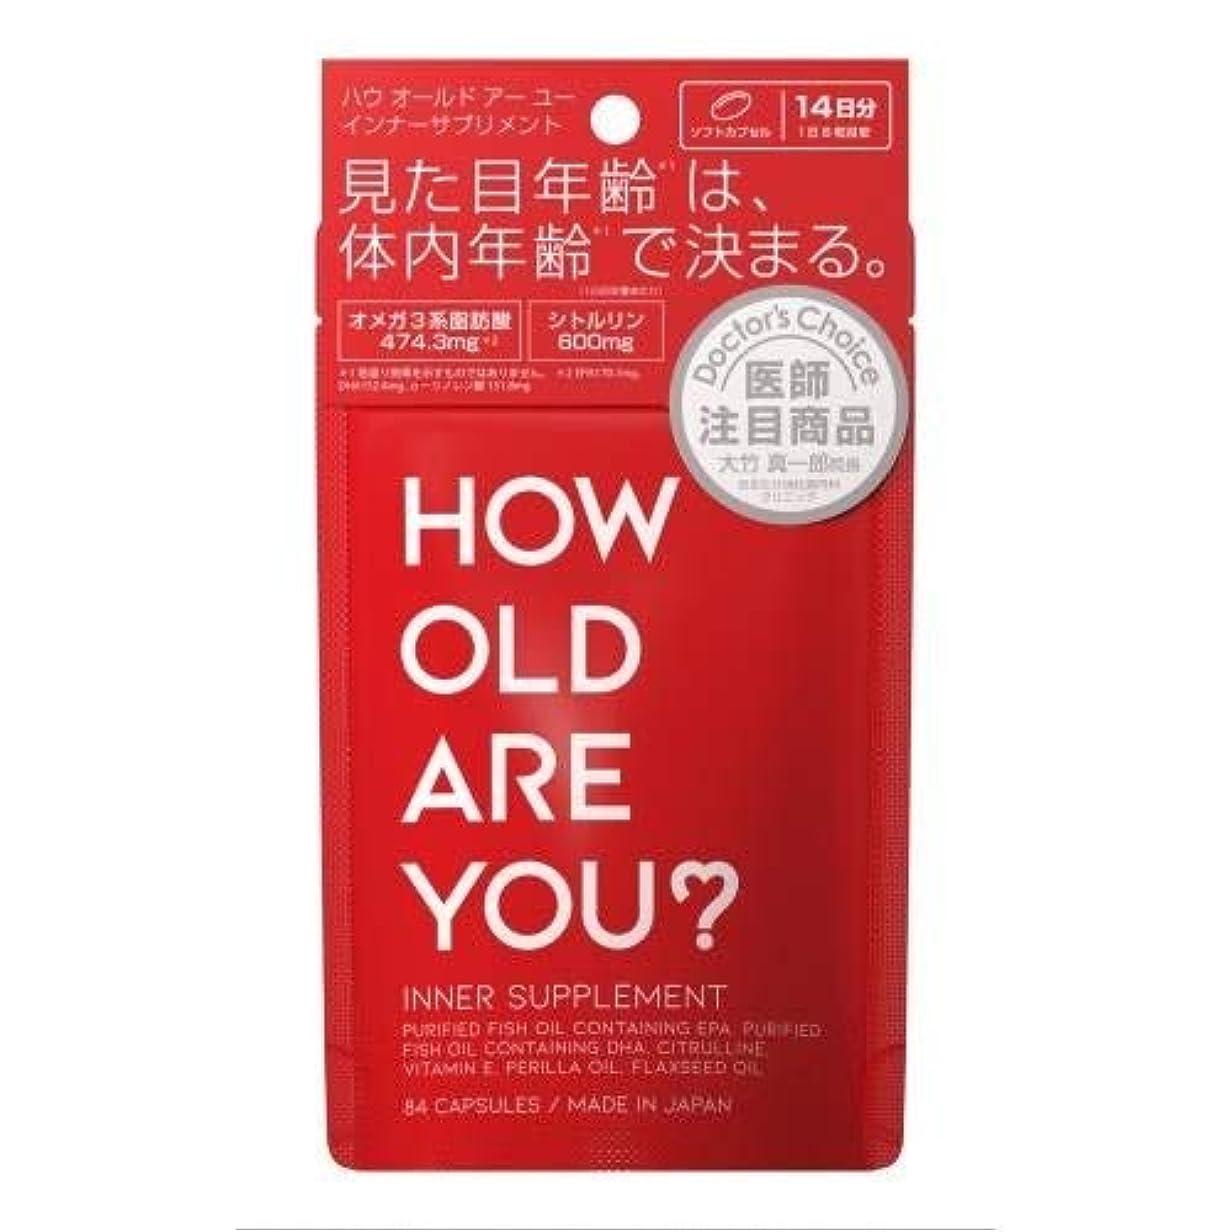 アジア人奴隷バスケットボール【5個セット】HOW OLD ARE YOU?インナーサプリメント 84粒